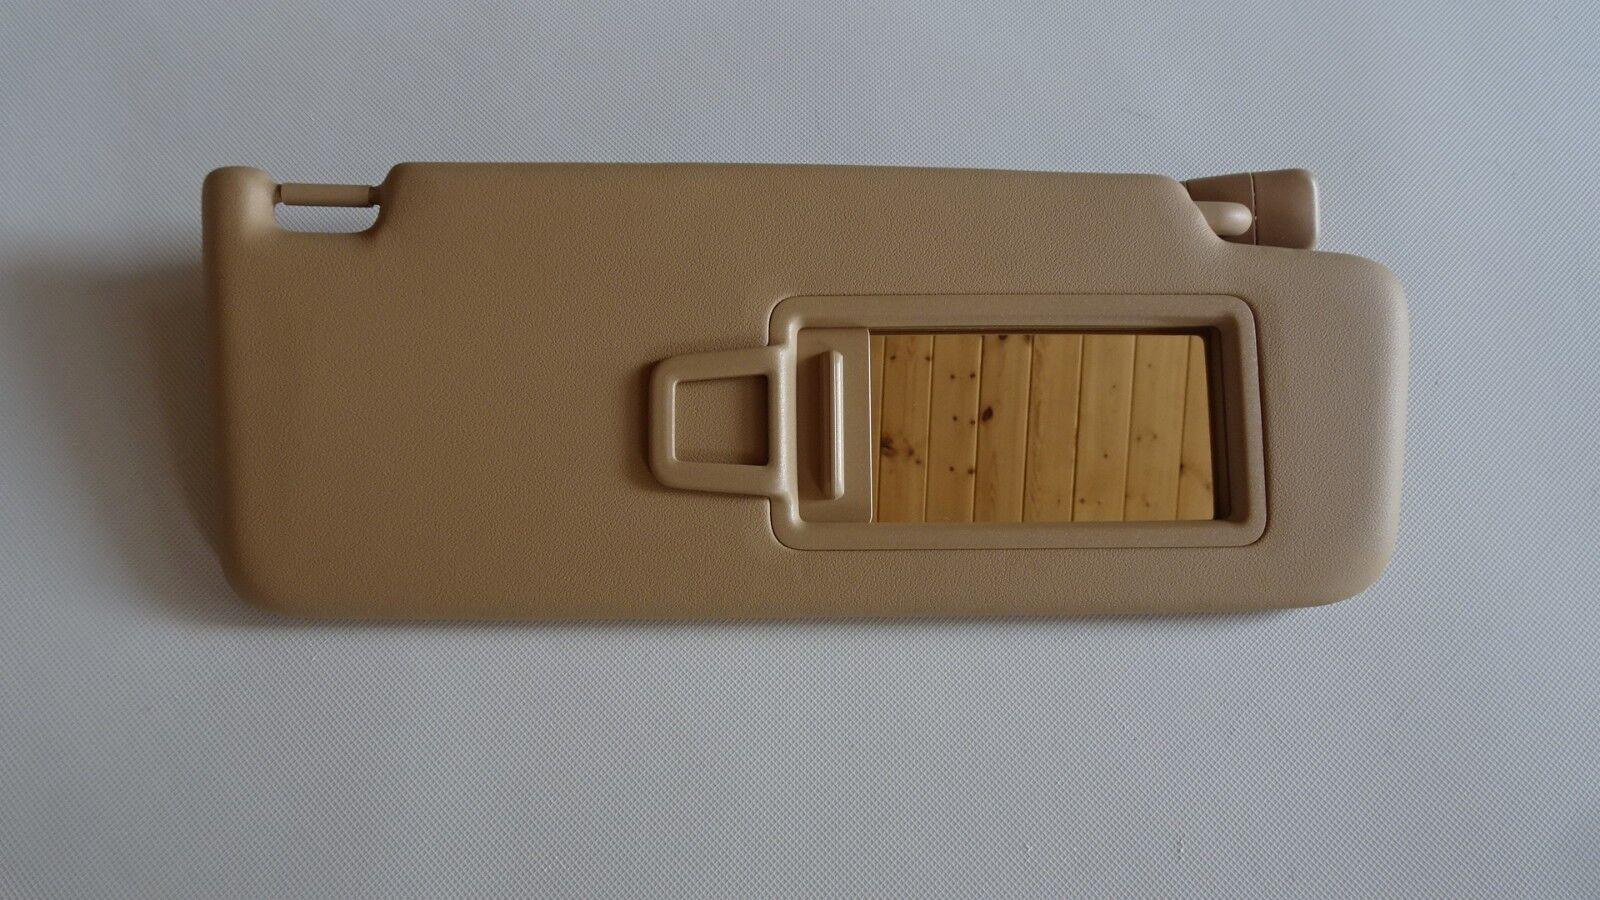 Buy Porsche Macan Sun Visor OEM Part No 95b 857552 AR OE 6 Right ... d1e19d330eb